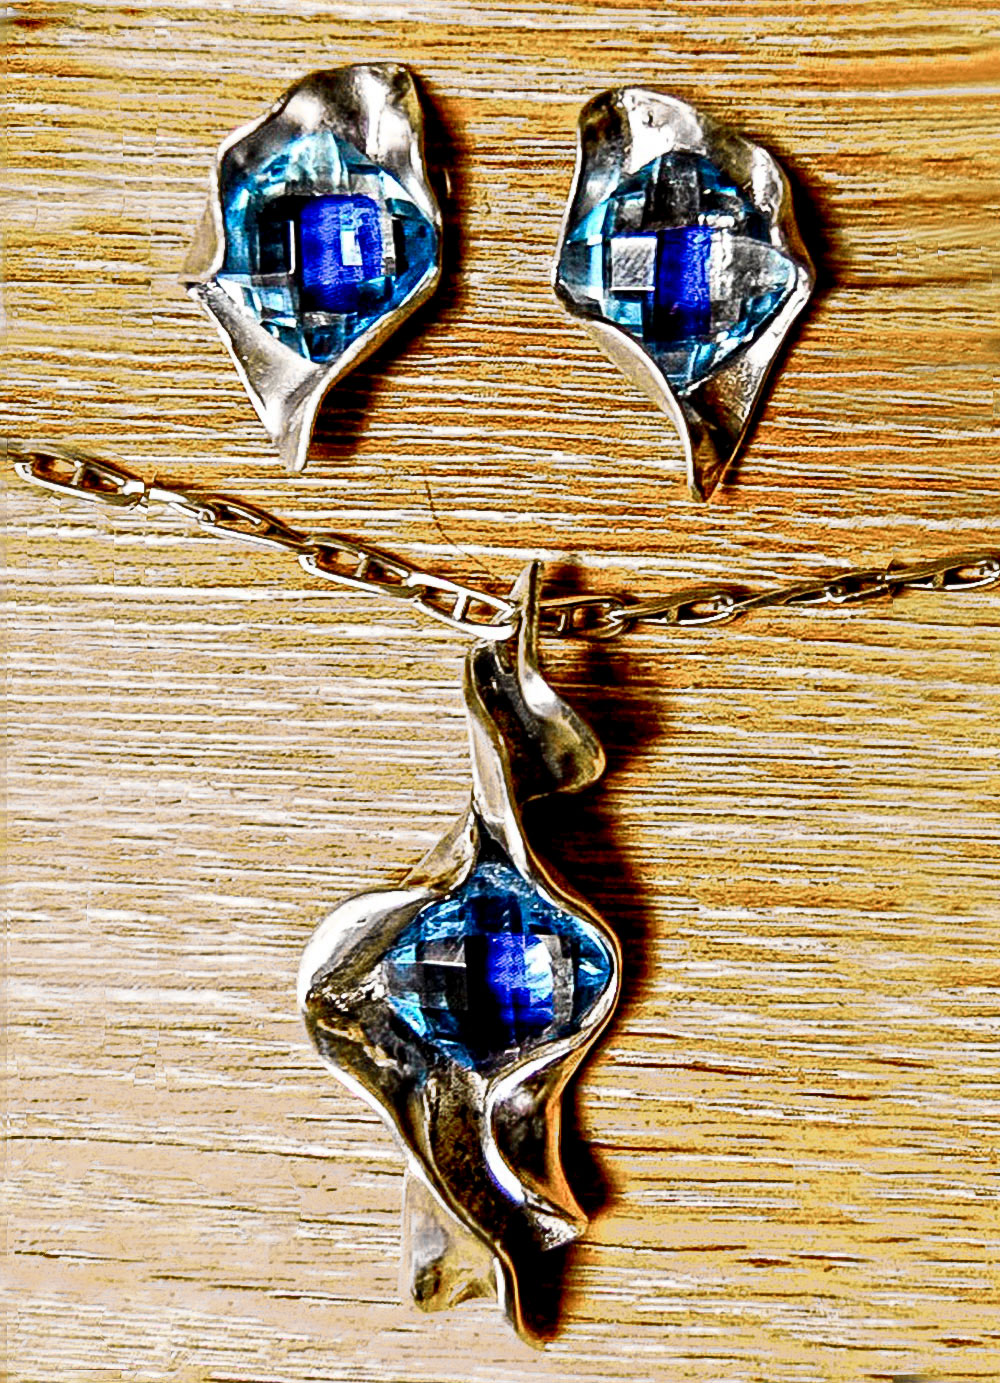 Joyeria-Colgante-y-Pendientes-Conjunto-Azul-Plata-RD.Escultor